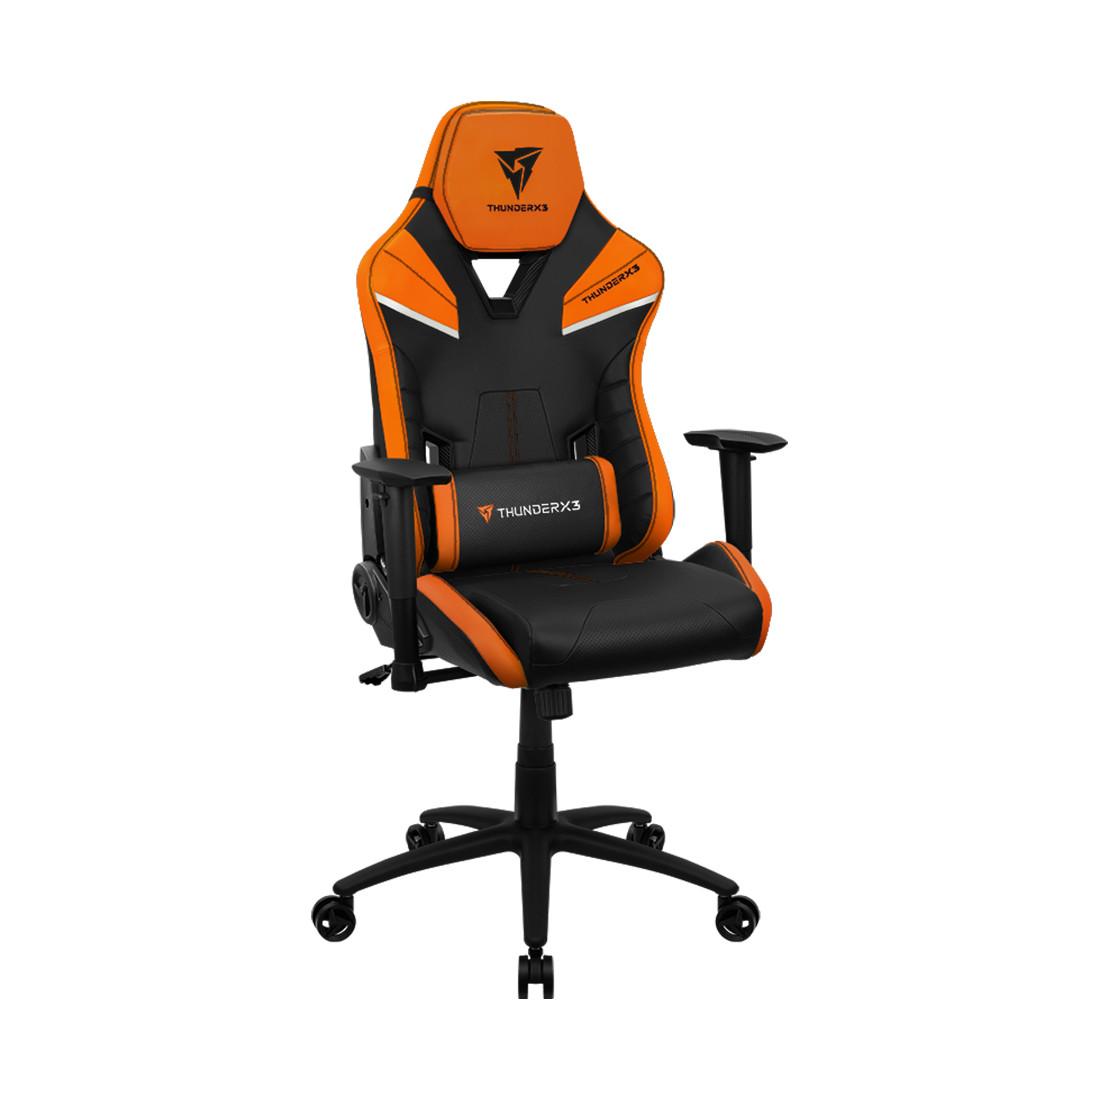 Игровое компьютерное кресло, ThunderX3, TC5-Tiger Orange,